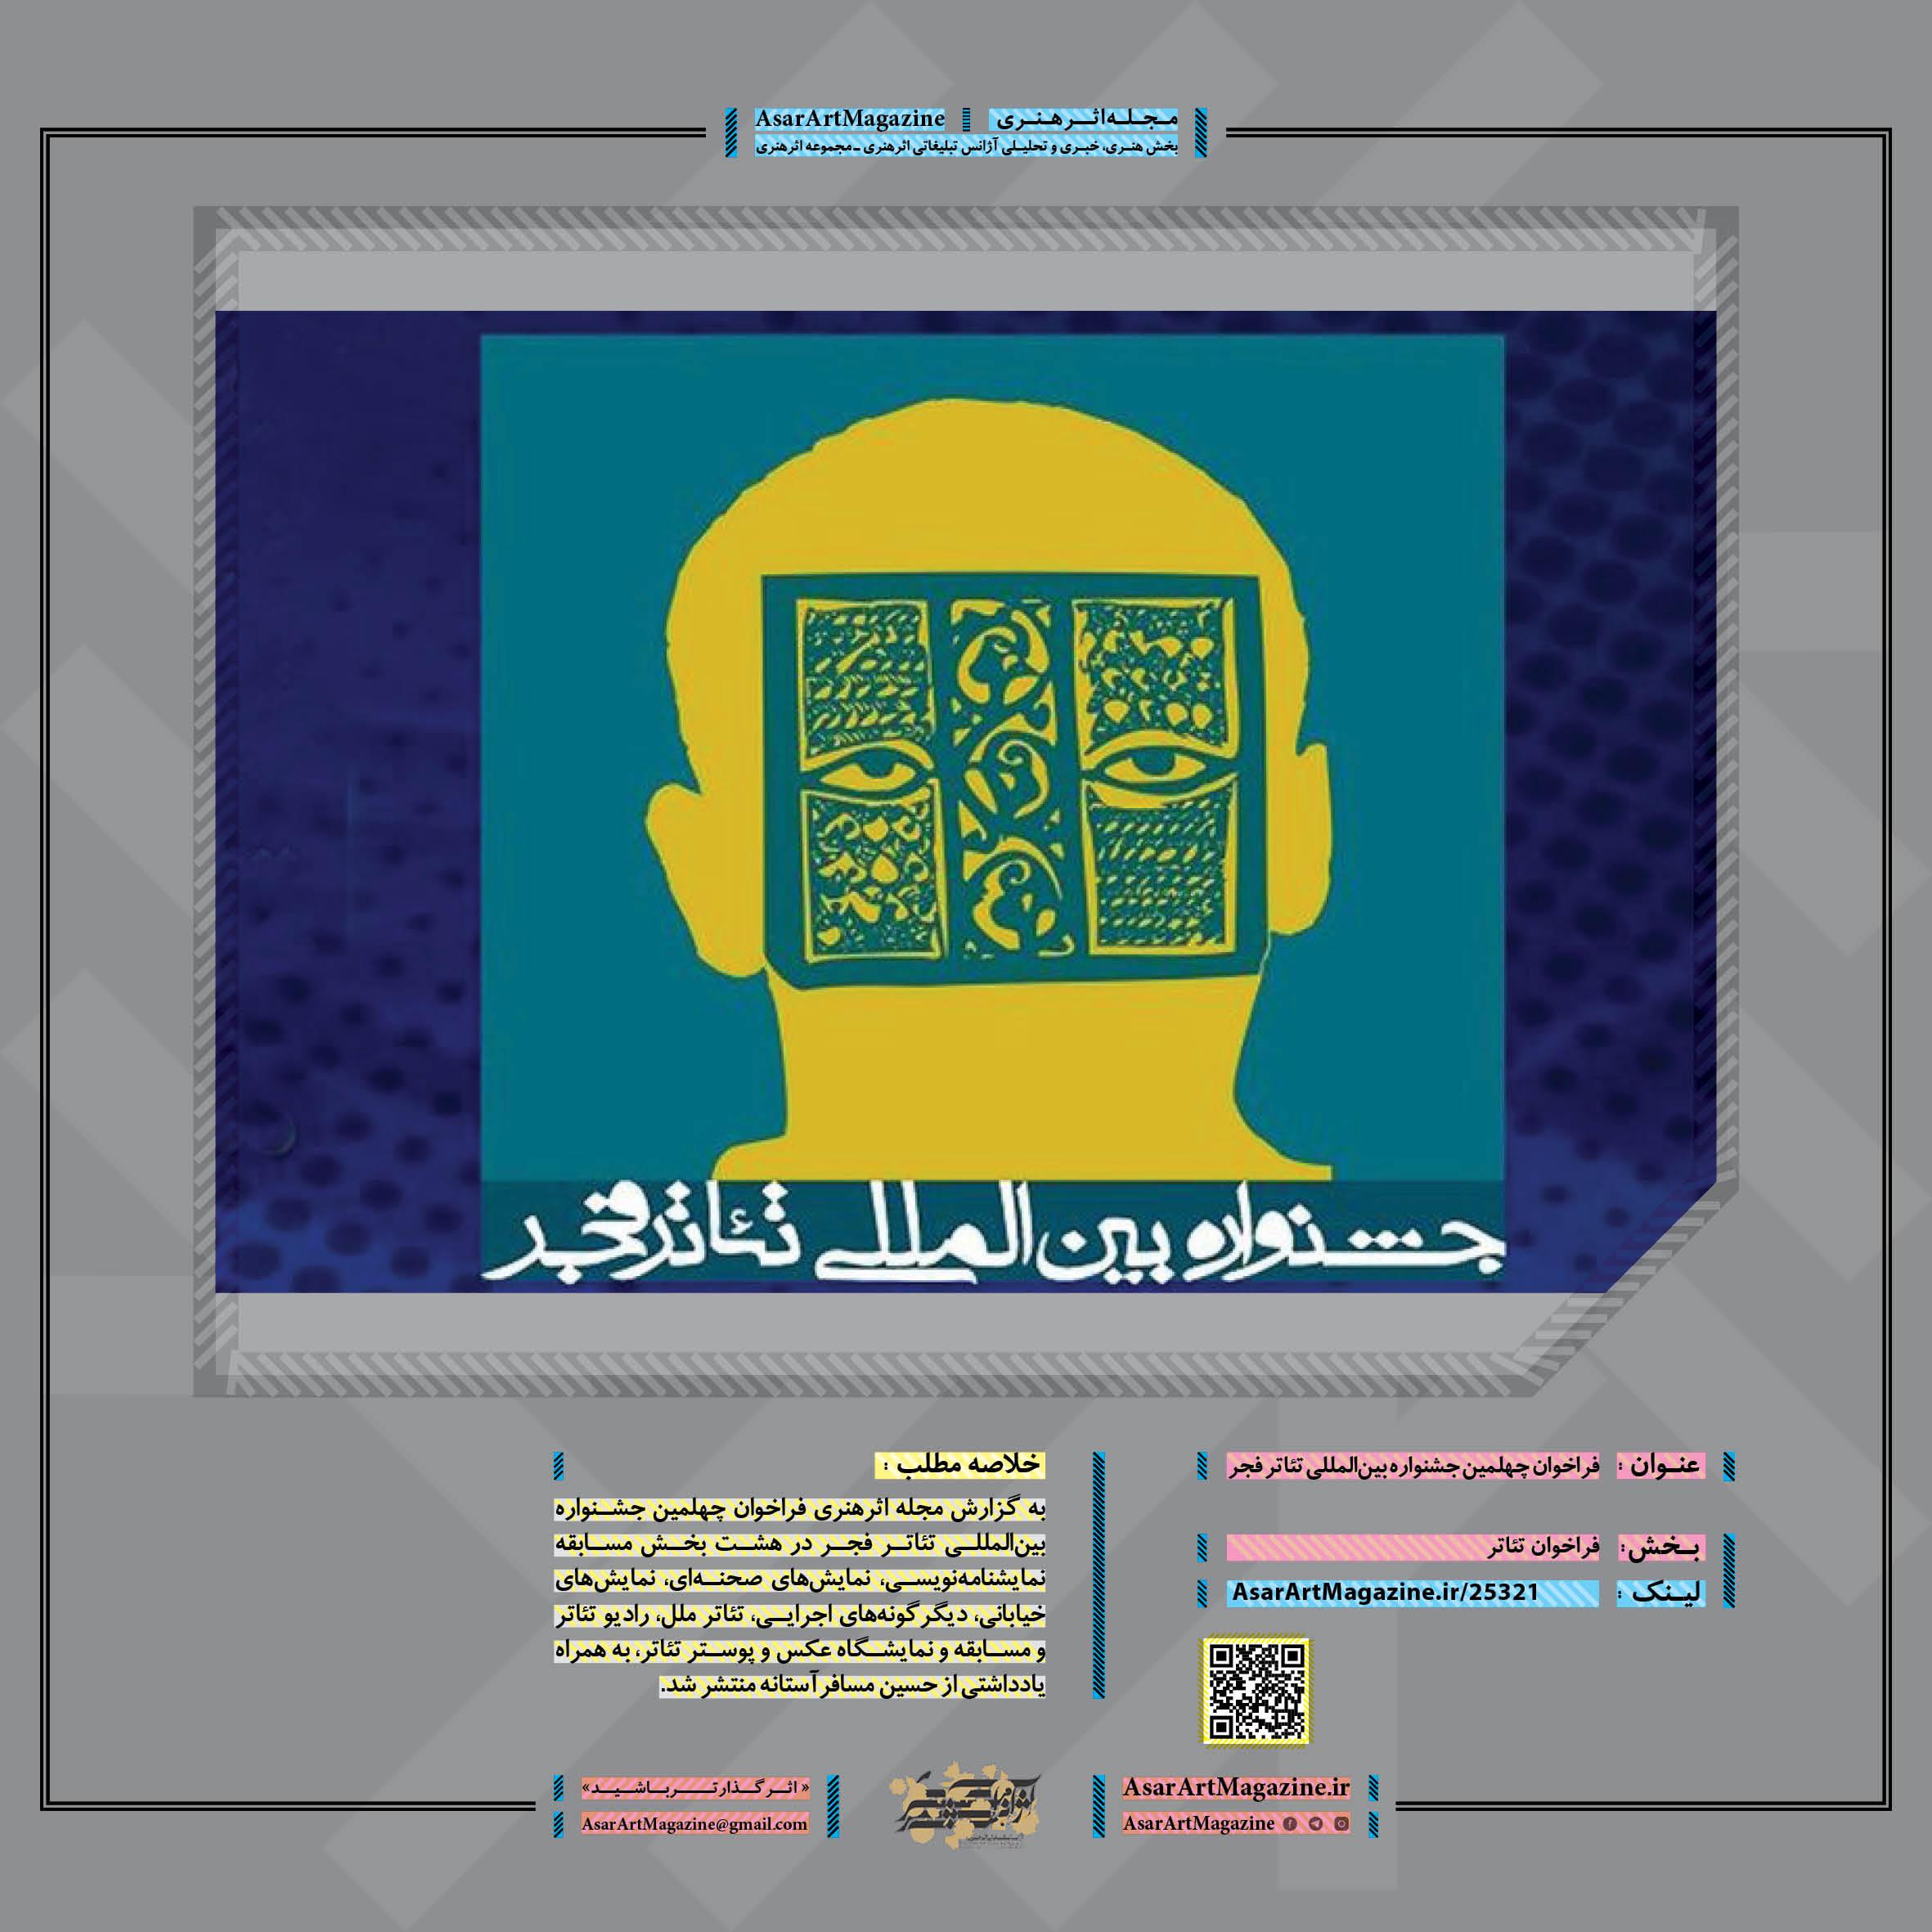 فراخوان چهلمین جشنواره بینالمللی تئاتر فجر  مجله اثرهنری ـ اثر هنری